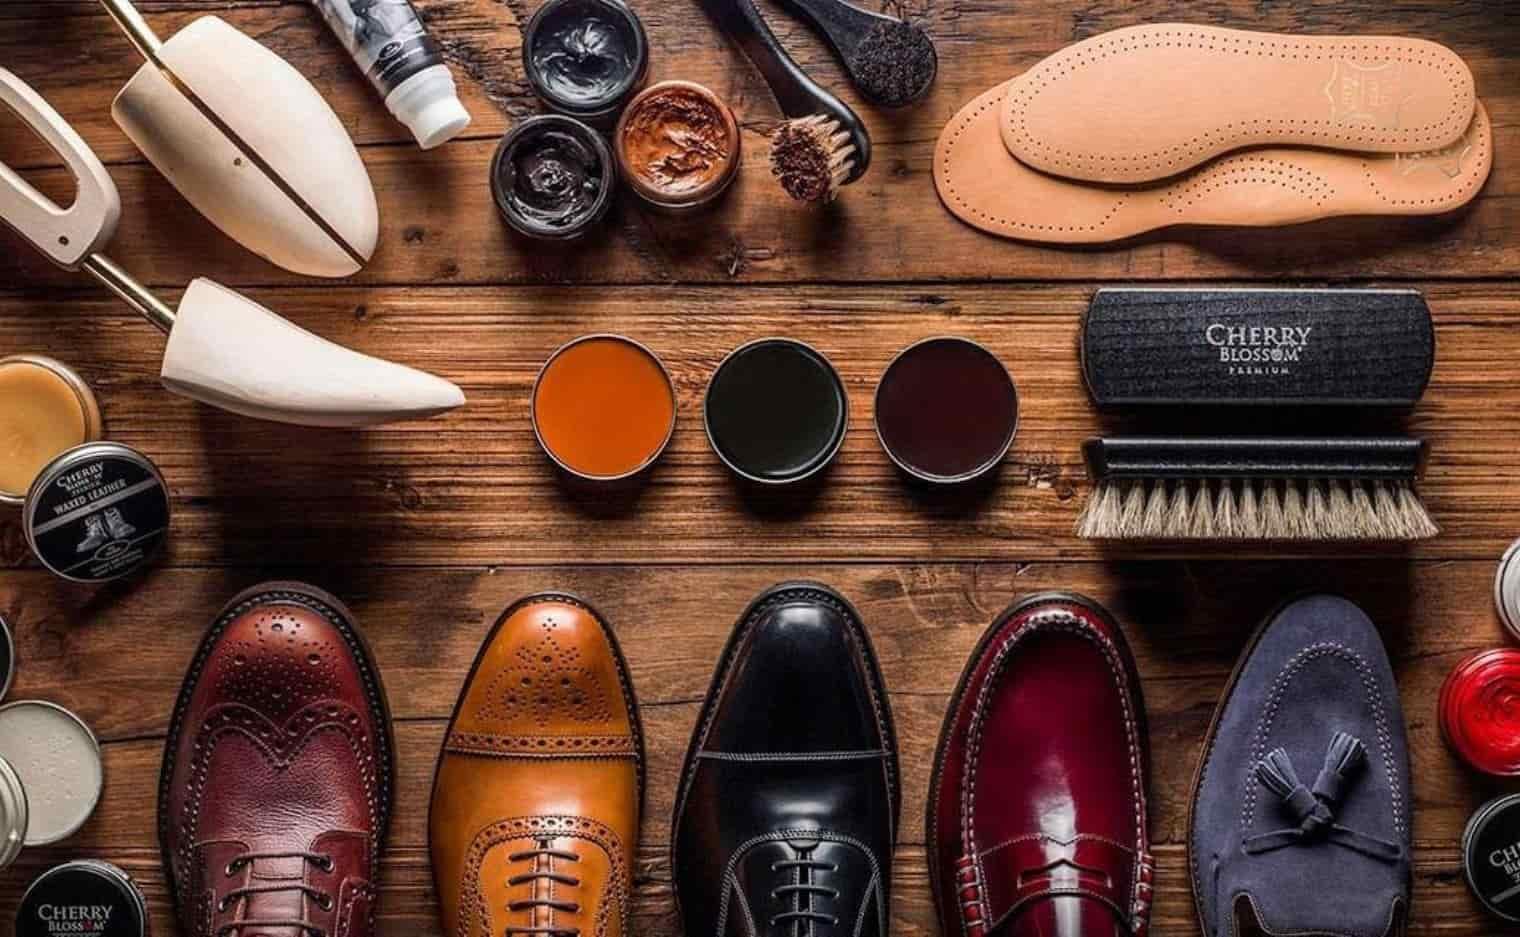 چطور شوره سطح کفش را از بین ببریم؟